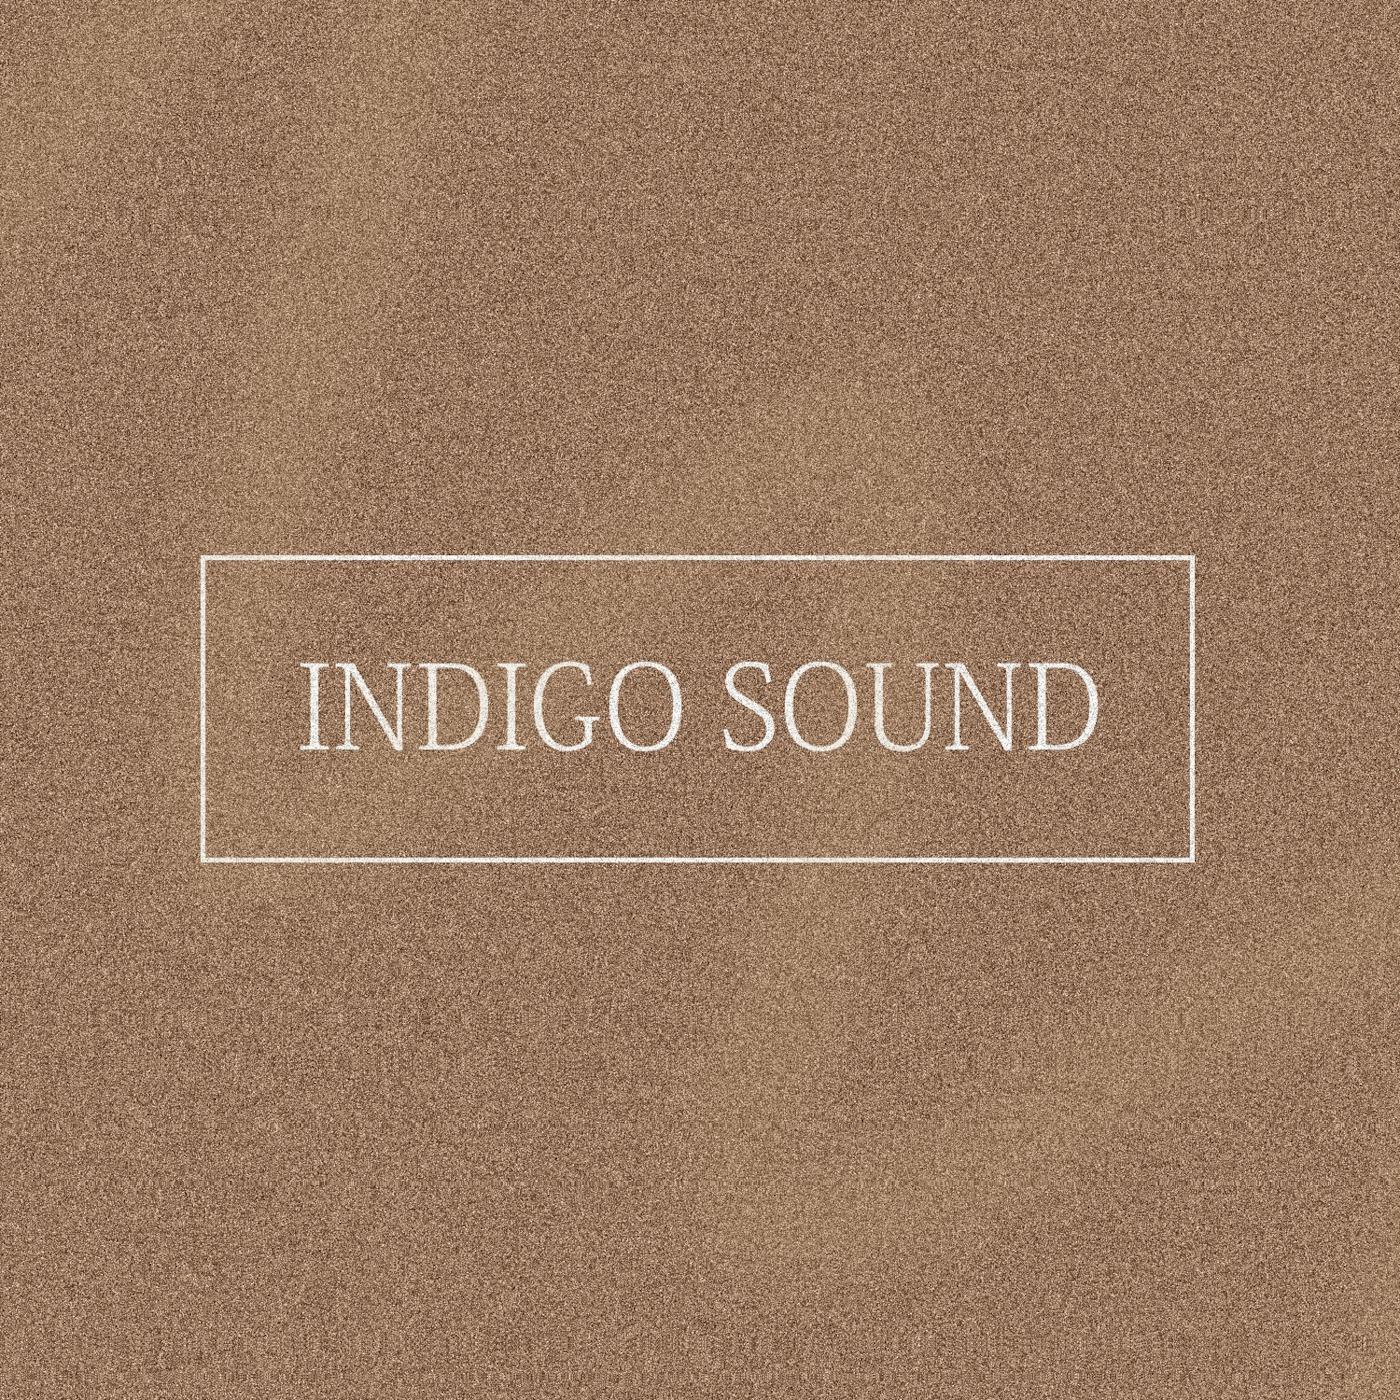 indigo sound